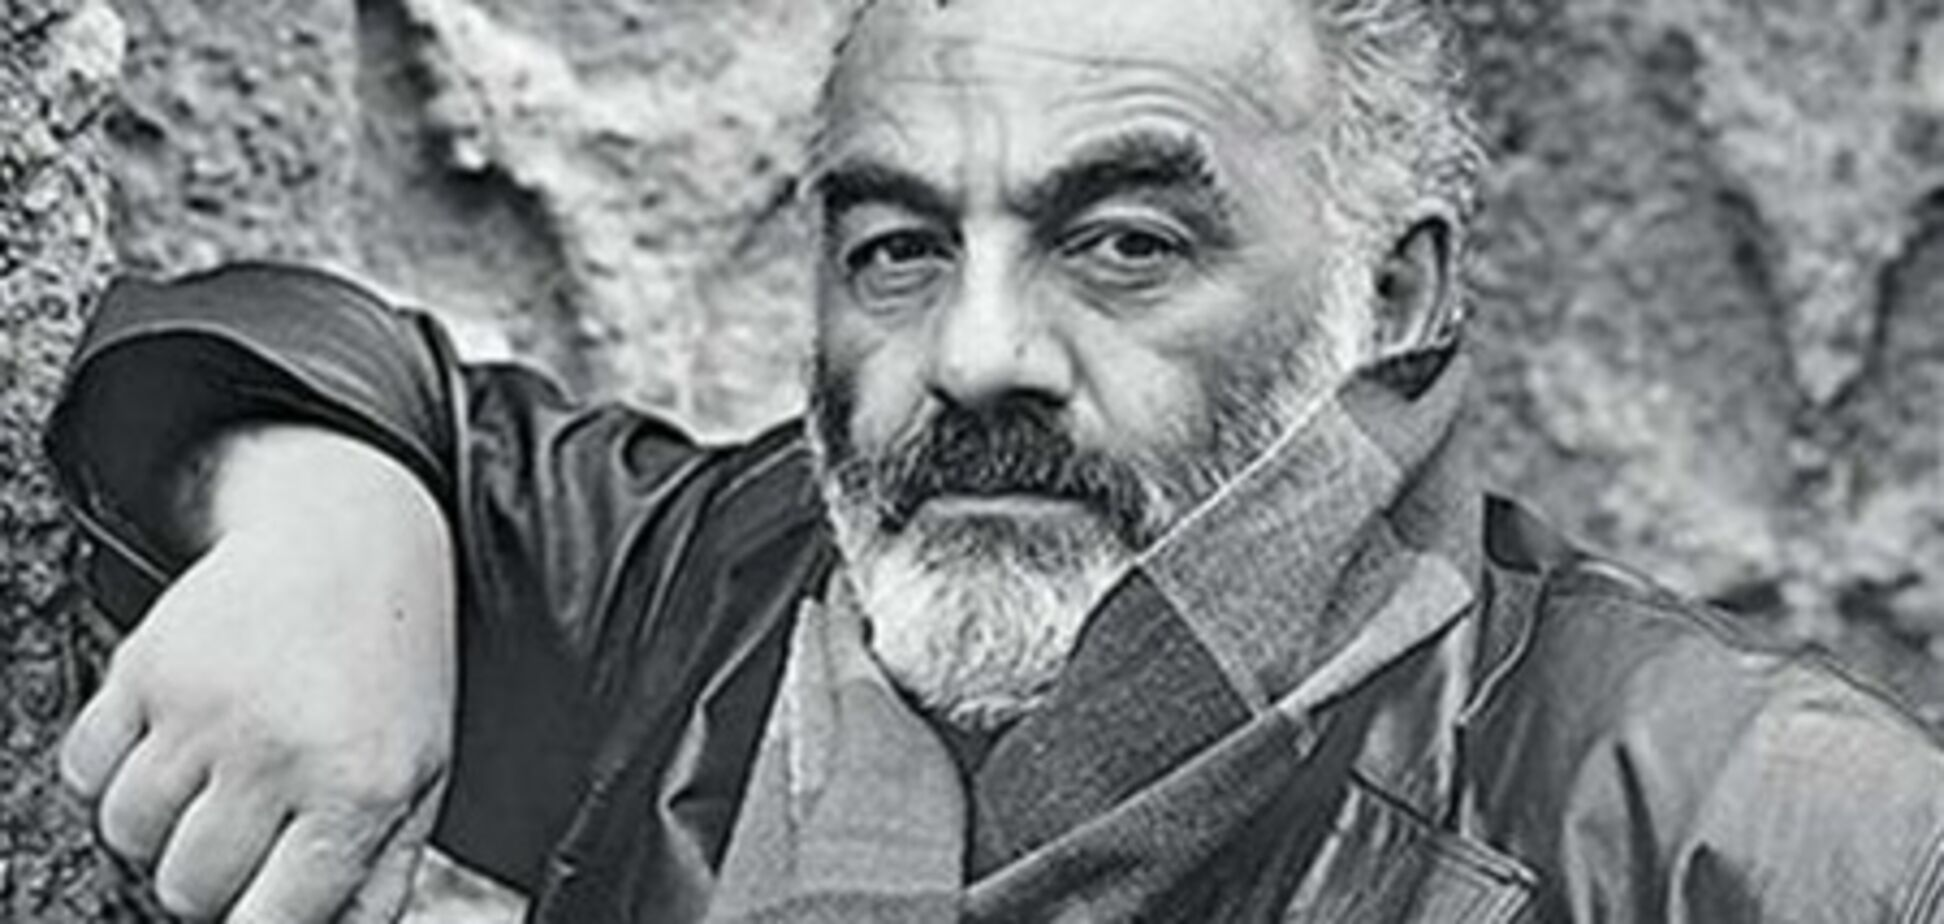 На Львівщині знімуть фільм про Параджанова і презентують його в Каннах